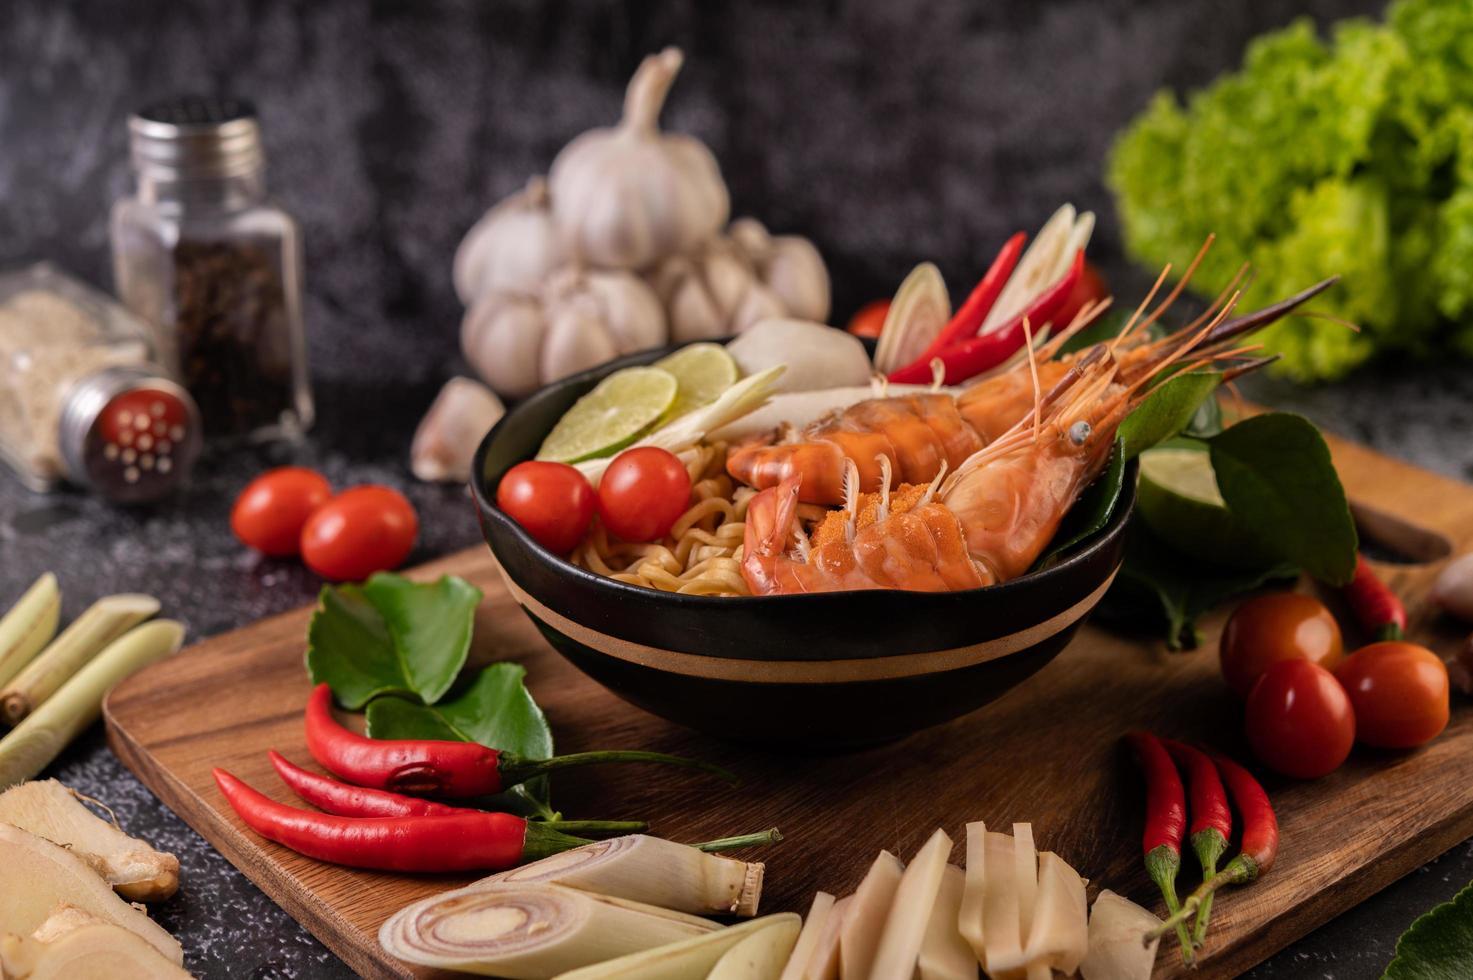 Tom Yum Kung Suppe mit Tomaten, Chili, Zitronengras, Knoblauch, Zitrone und Kaffir foto